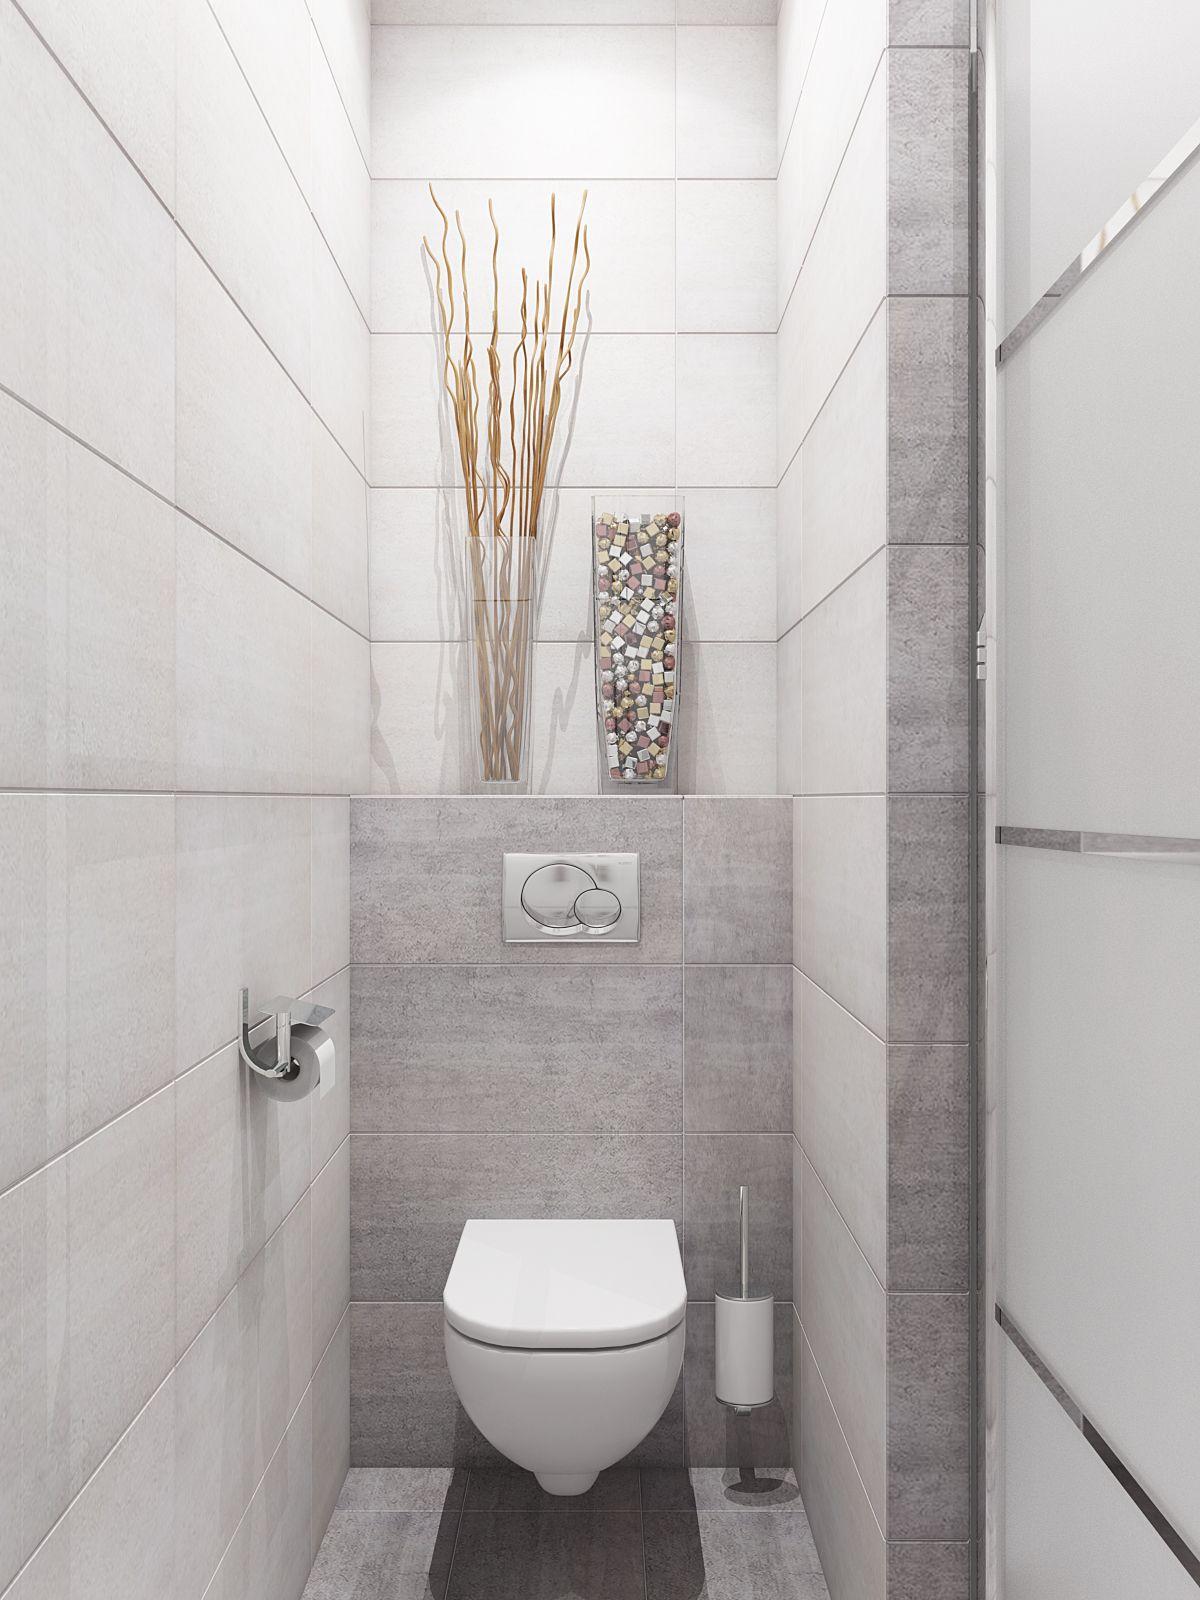 5d586d0200adb188e6427e642a214a48 1 - Идеи для ремонта туалета своими руками